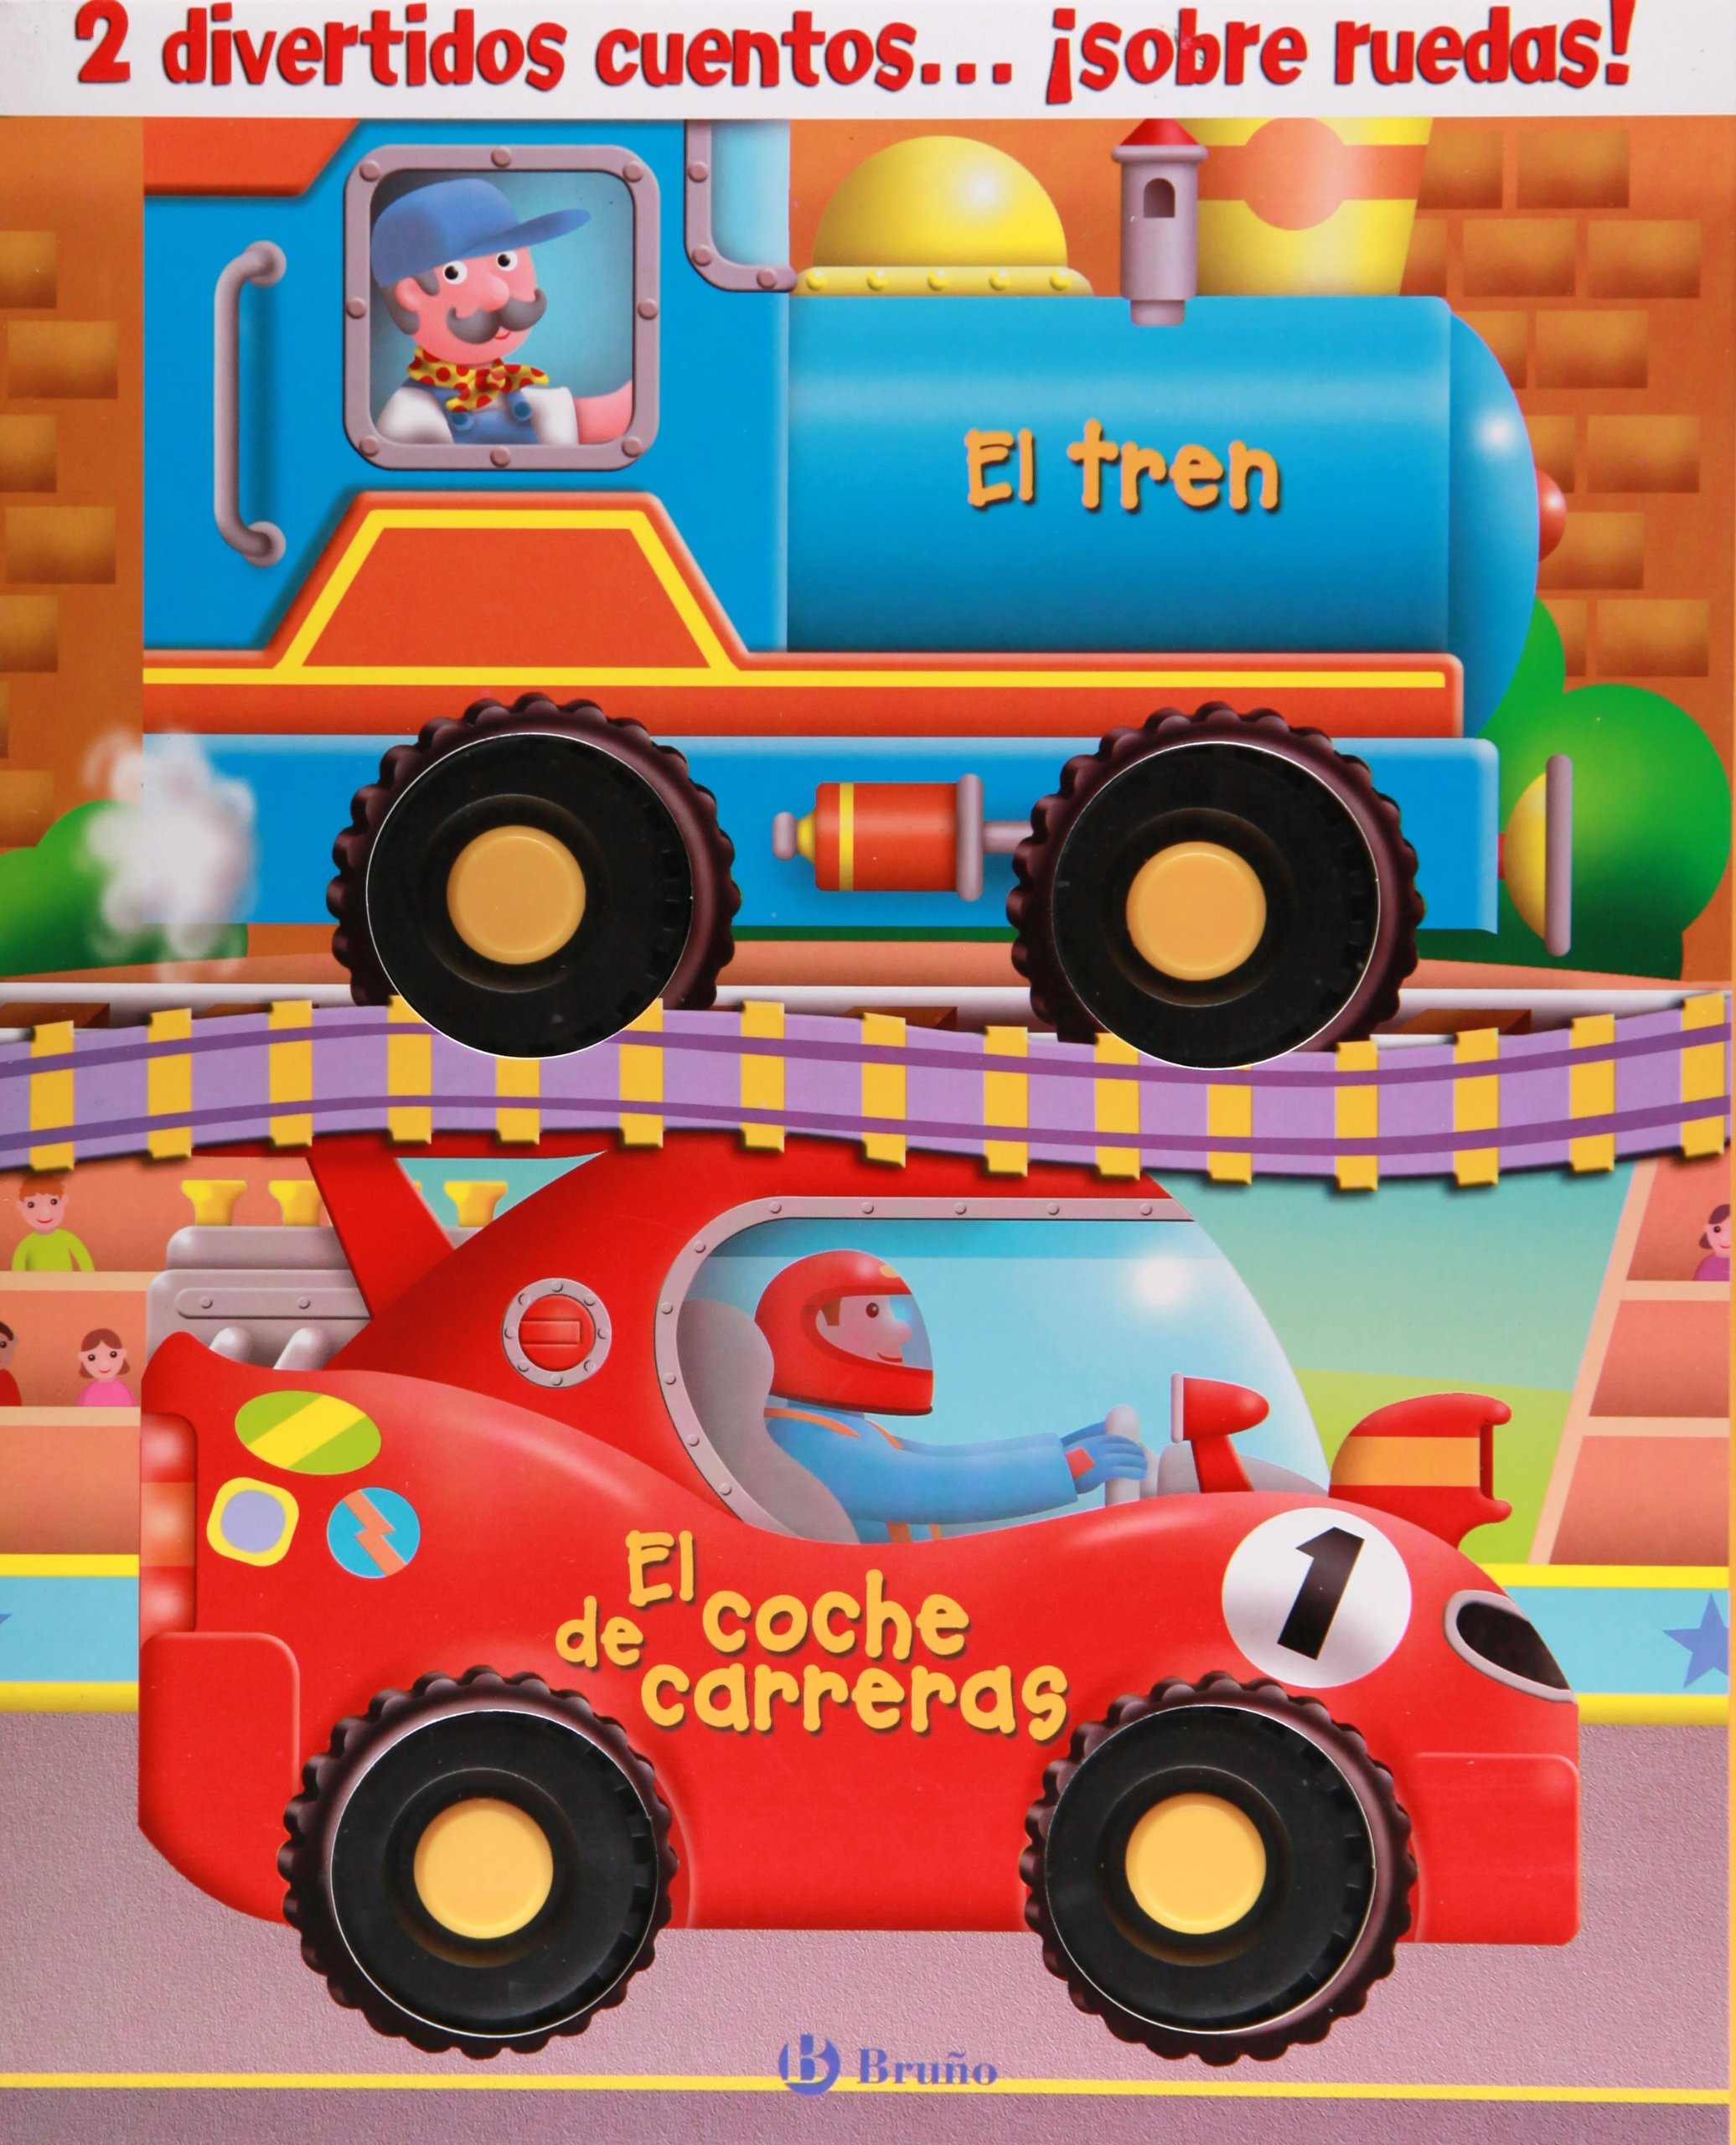 Cuentos con ruedas (El tren + El coche de carreras) (Cuentos con ruedas / Wheelie Books) (Spanish Edition) (Spanish) Hardcover – March 21, 2010